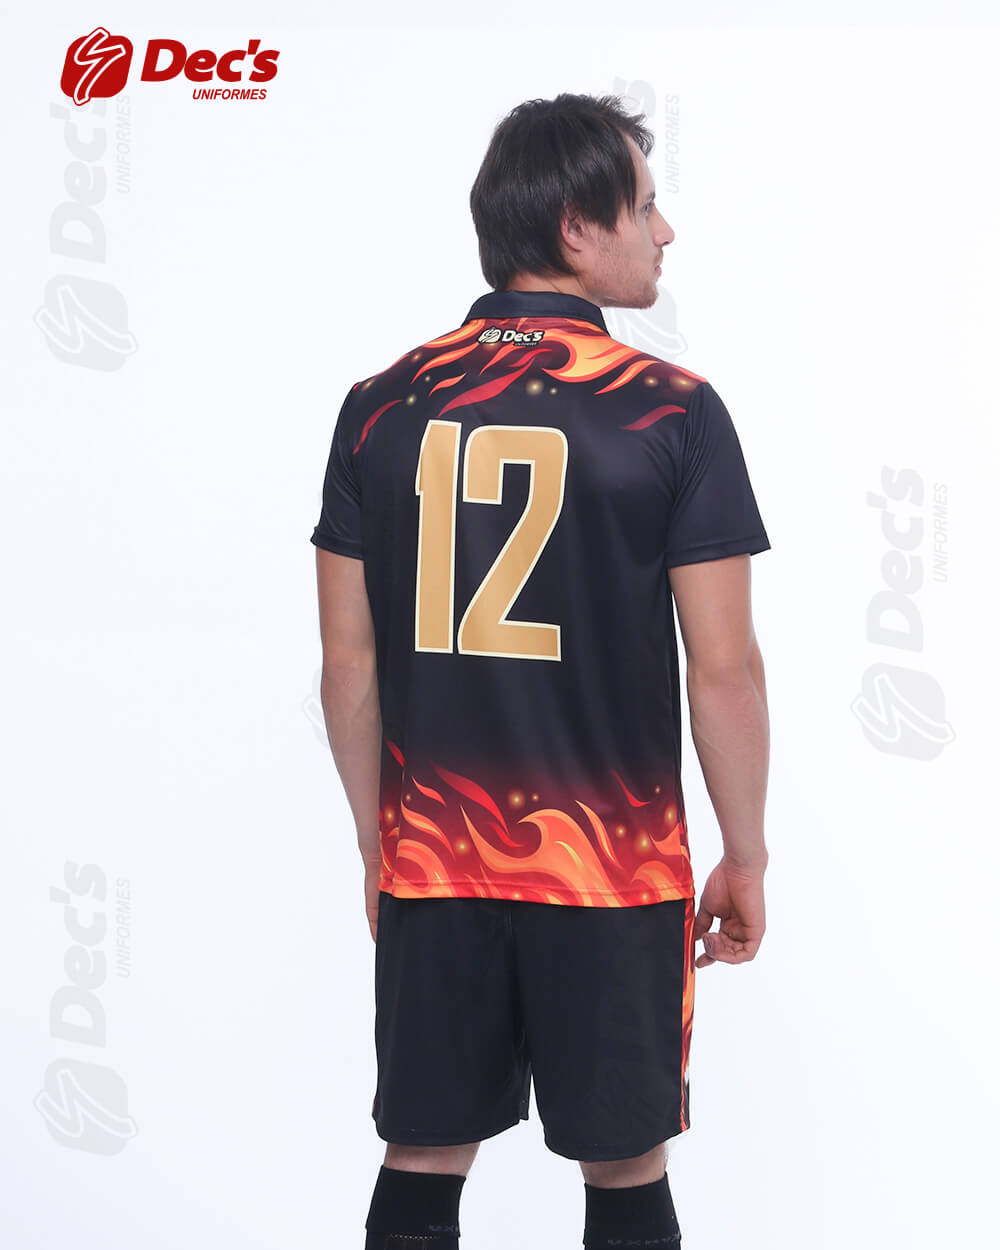 a73b124059 uniforme esportivo. conjunto dry em estampa digital